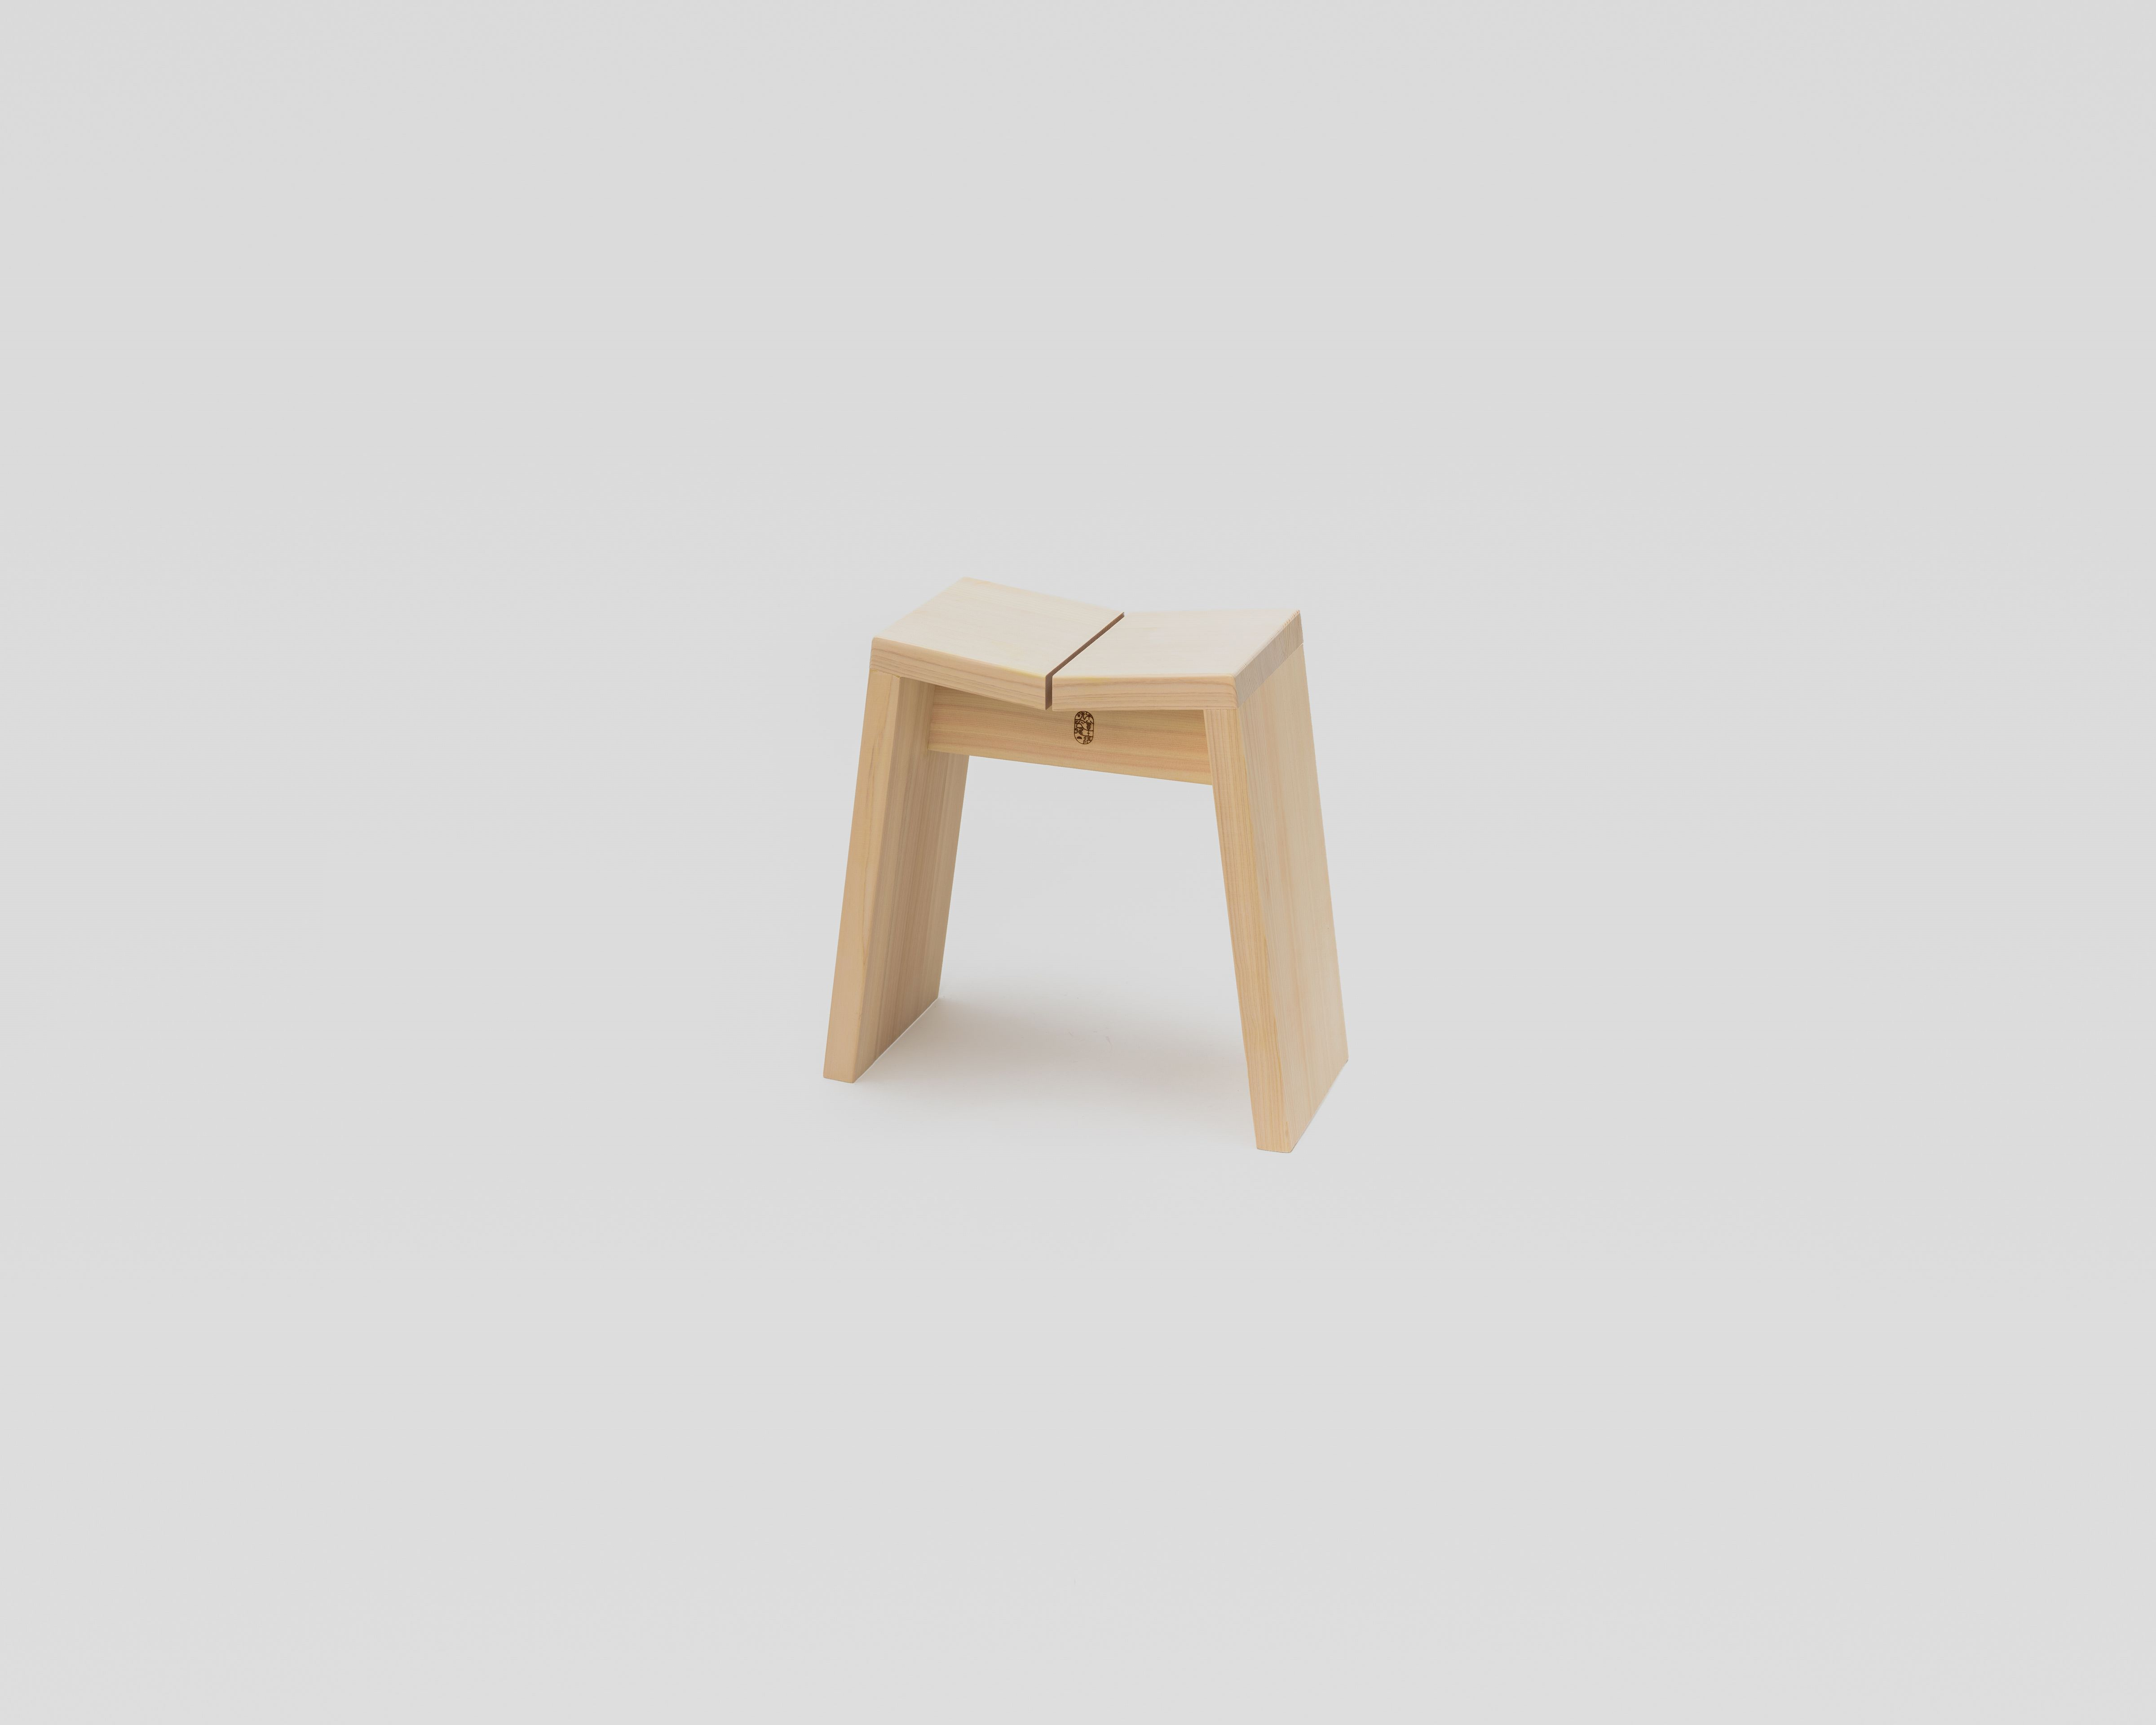 NEW木曽のヒノキでつくった風呂椅子04